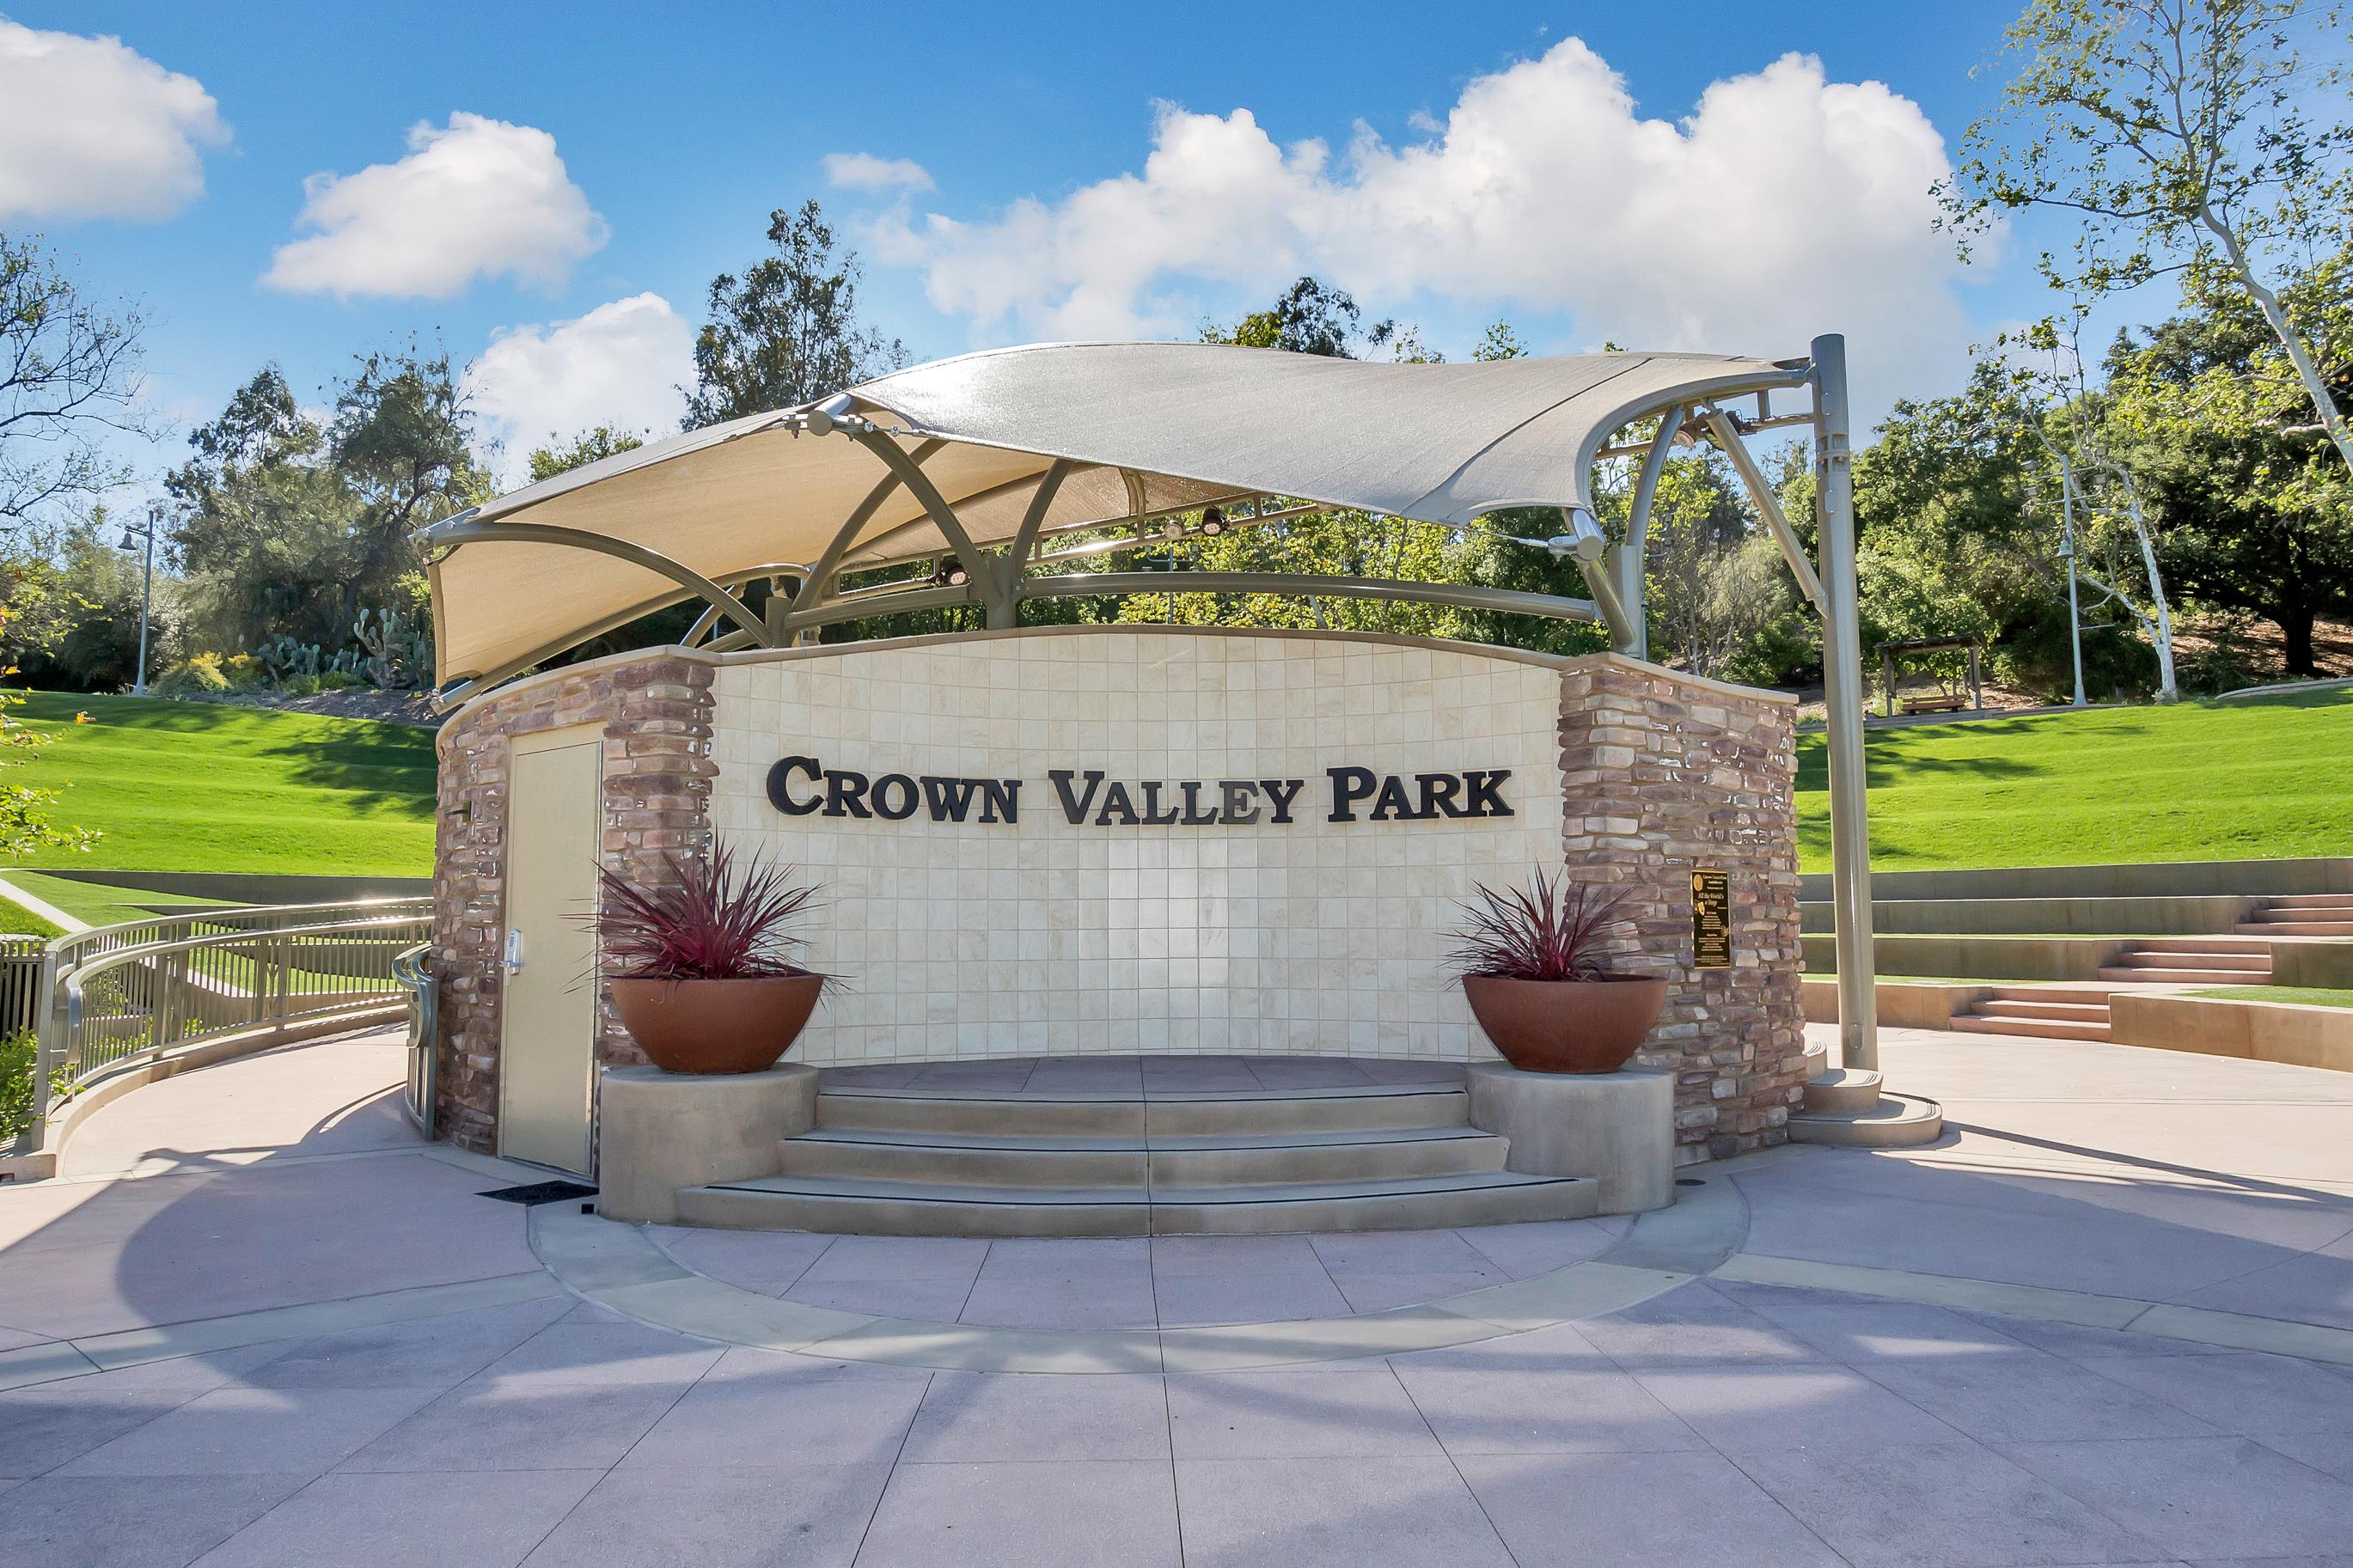 Laguna Niguel Crown Valley Park